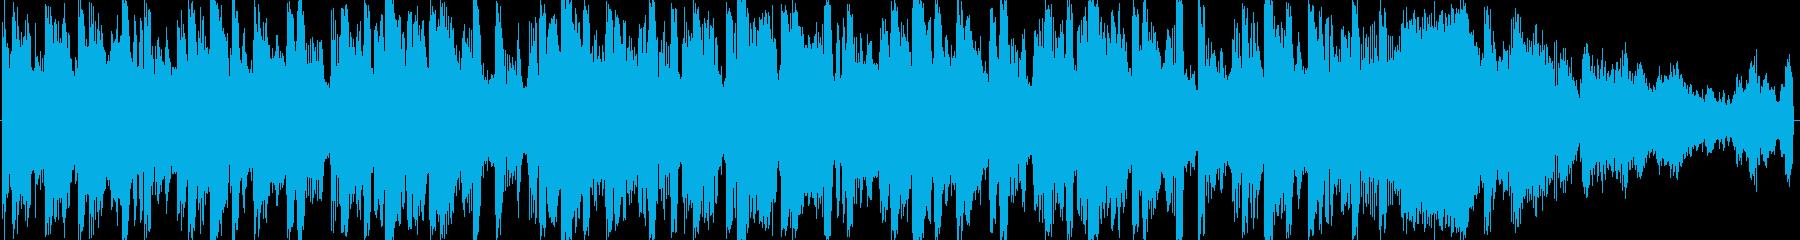 怪しい雰囲気のするエレクトロニカの再生済みの波形